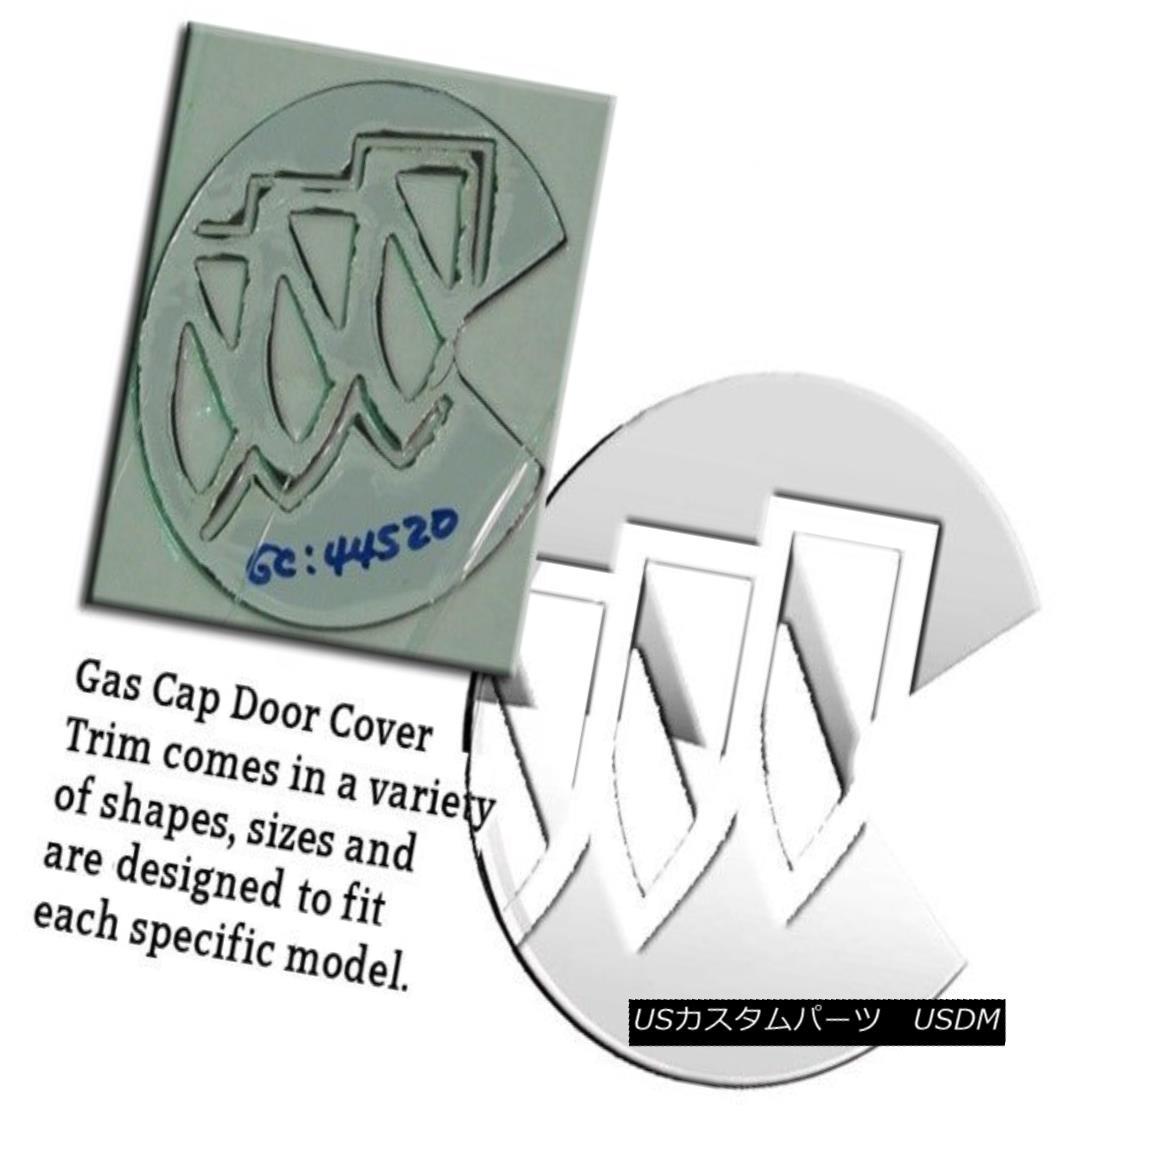 グリル Fits 2004-2007 BUICK RAINIER 4-door, SUV -Stainless Steel GAS CAP DOOR 2004-2007に合うBUICK RAINIER 4ドア、SUV - ステンレススチールガスCAP DOOR